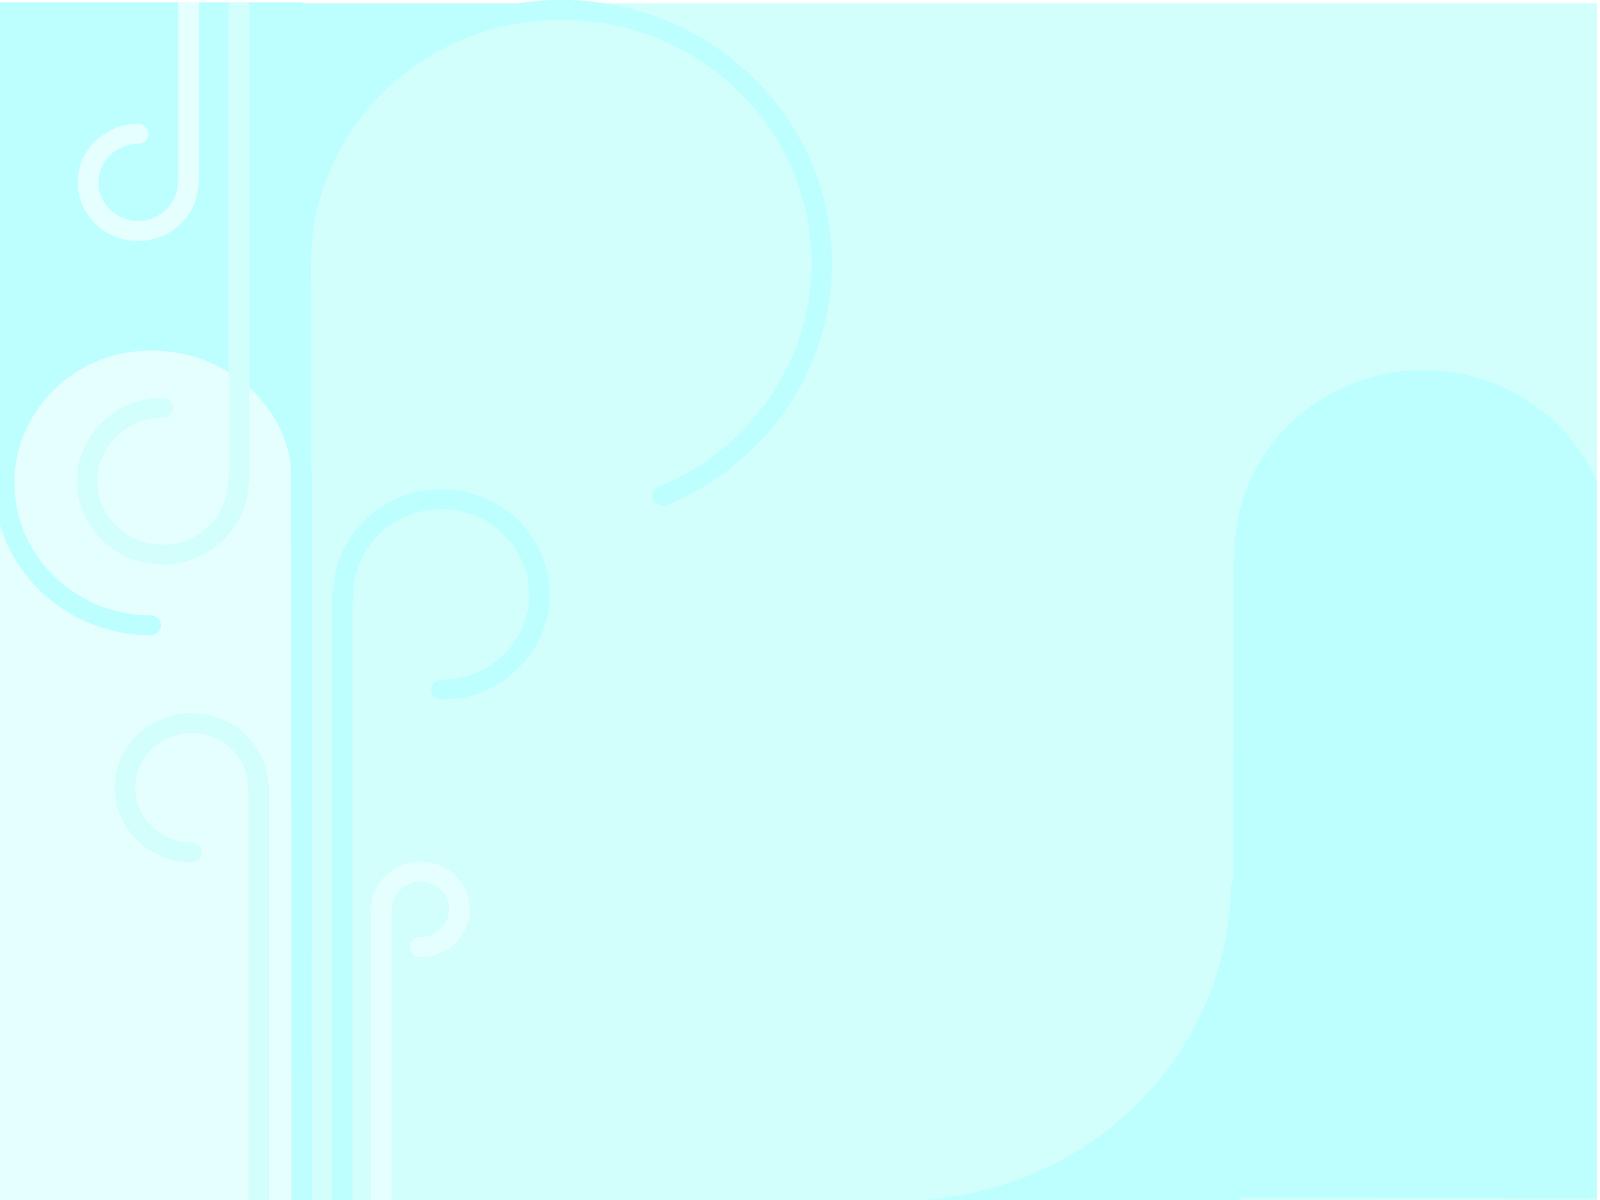 Hình nền Powerpoint sáng xanh cực đẹp